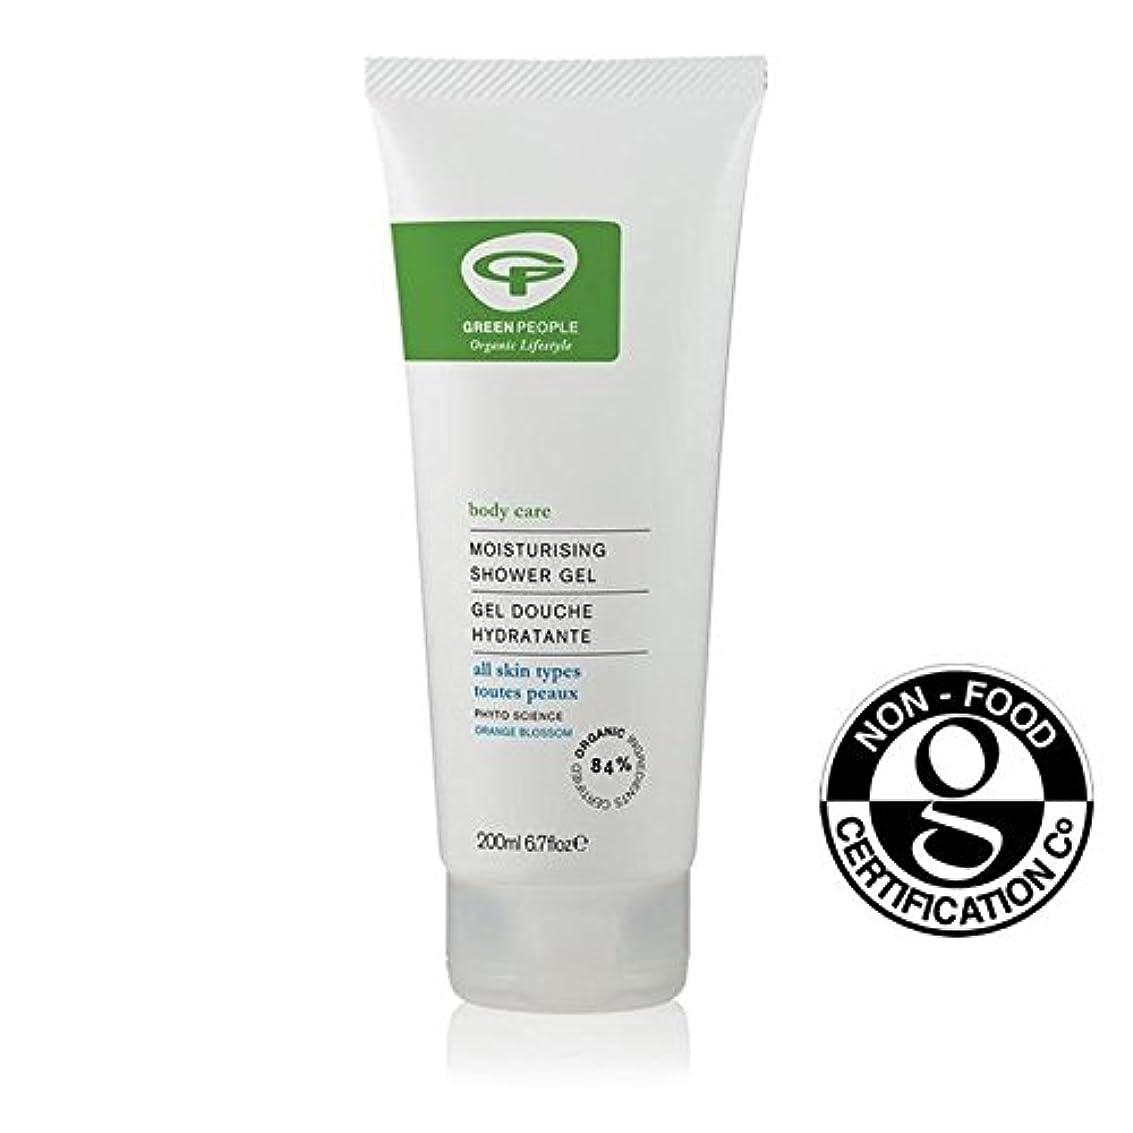 地下室フラフープ染色緑の人々の有機保湿シャワージェル200 x2 - Green People Organic Moisturising Shower Gel 200ml (Pack of 2) [並行輸入品]